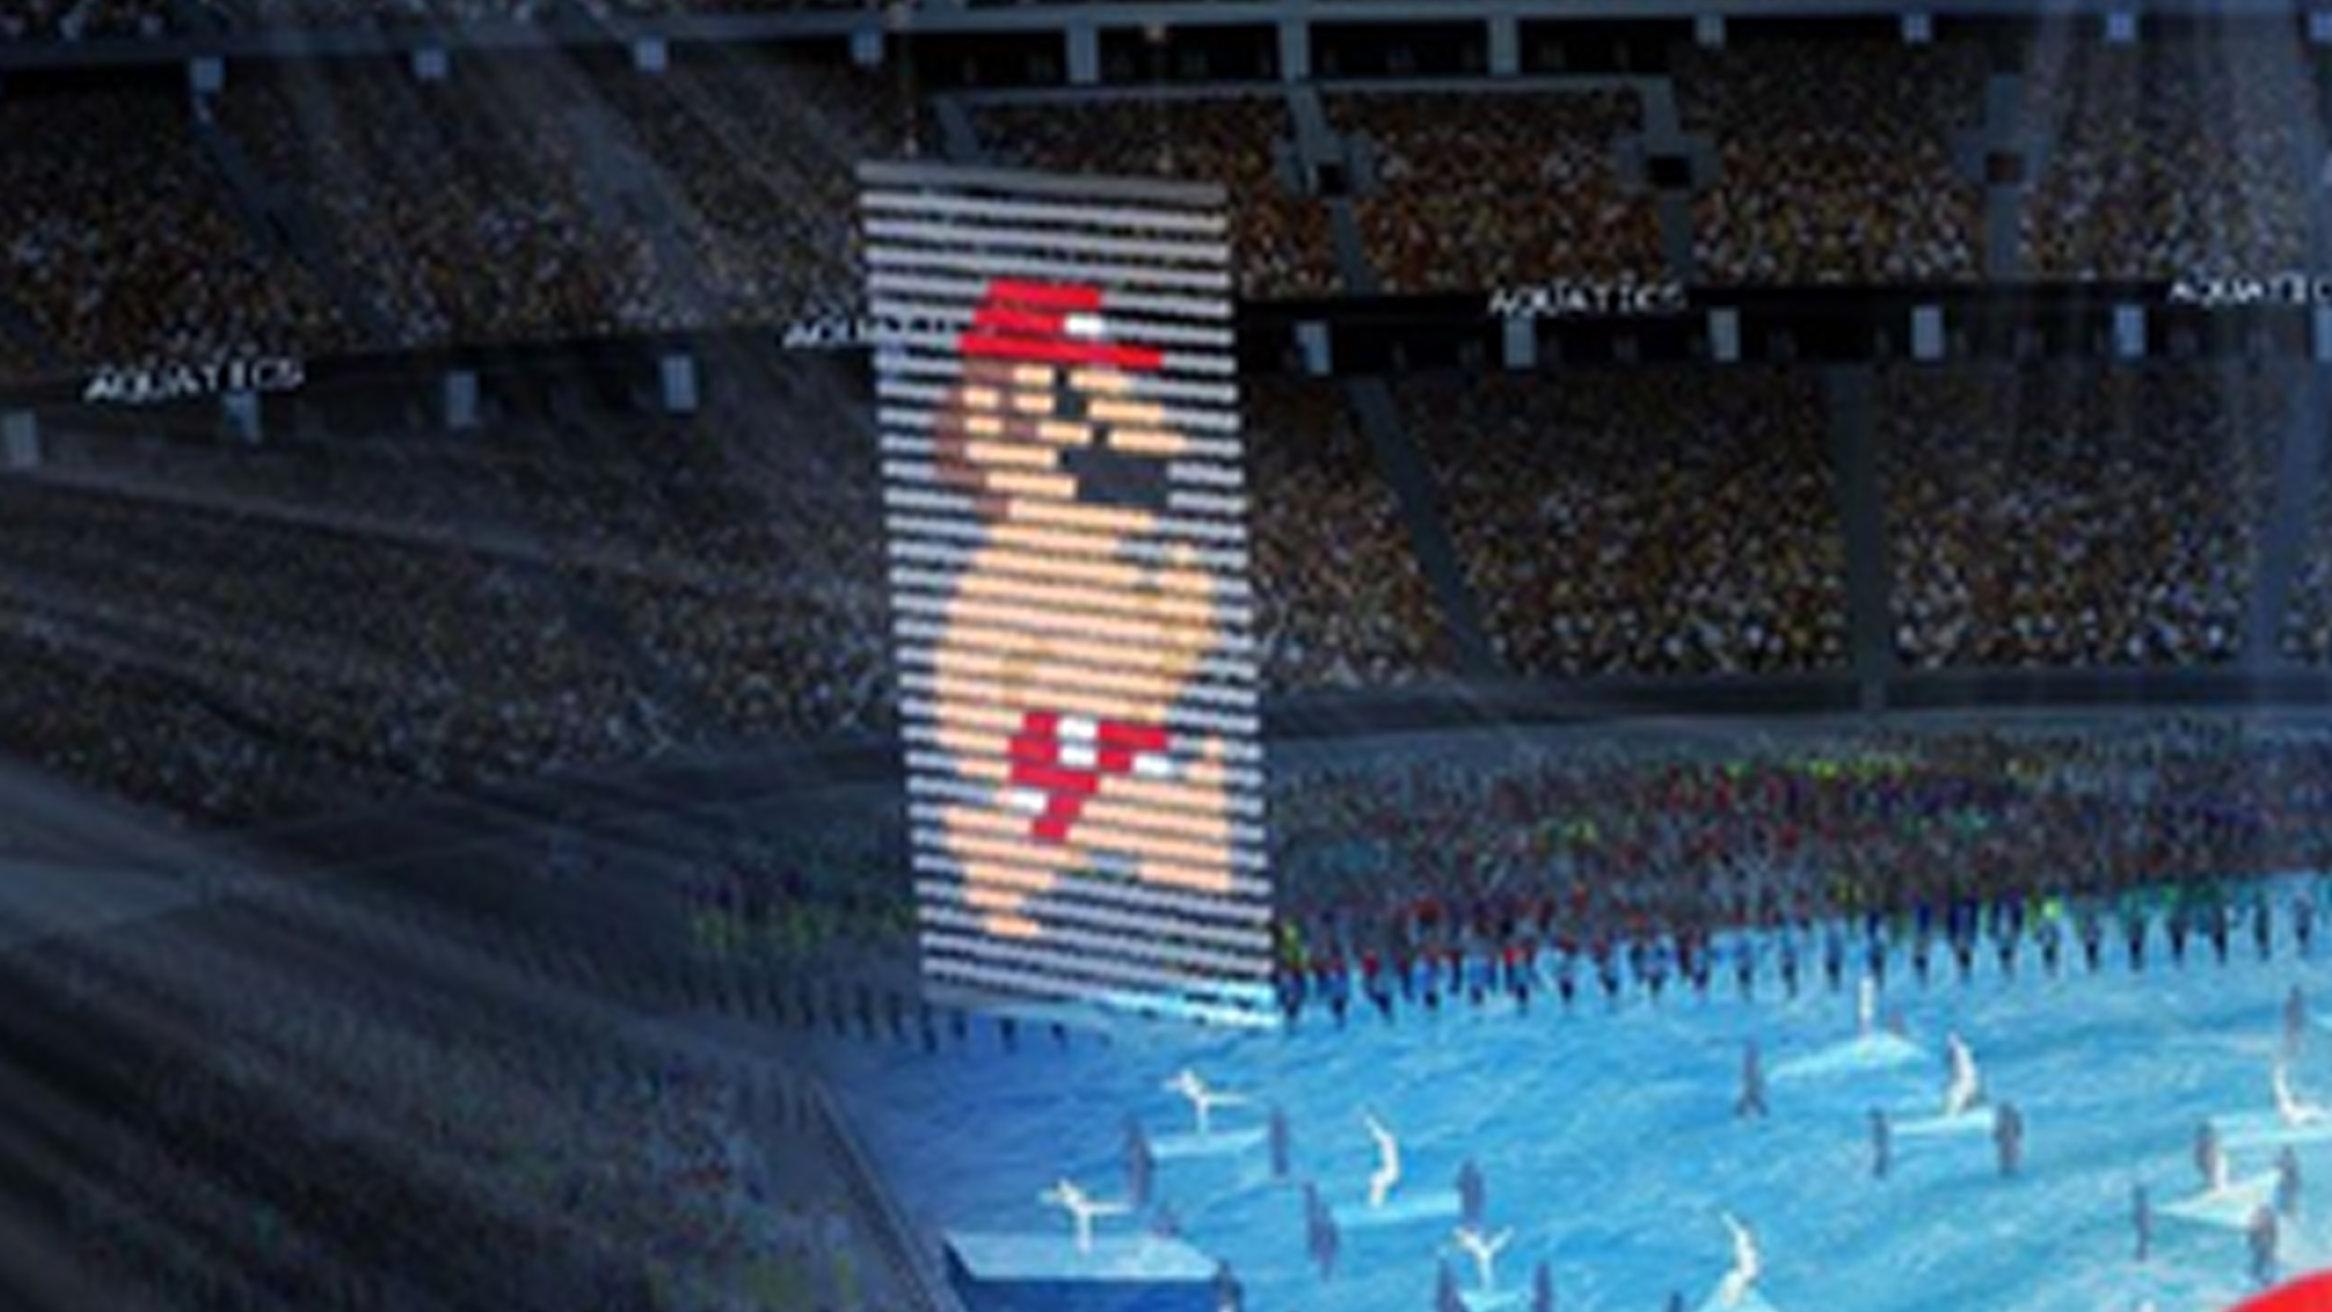 東京2020オリンピック開会式、当初は任天堂のマリオなどが登場